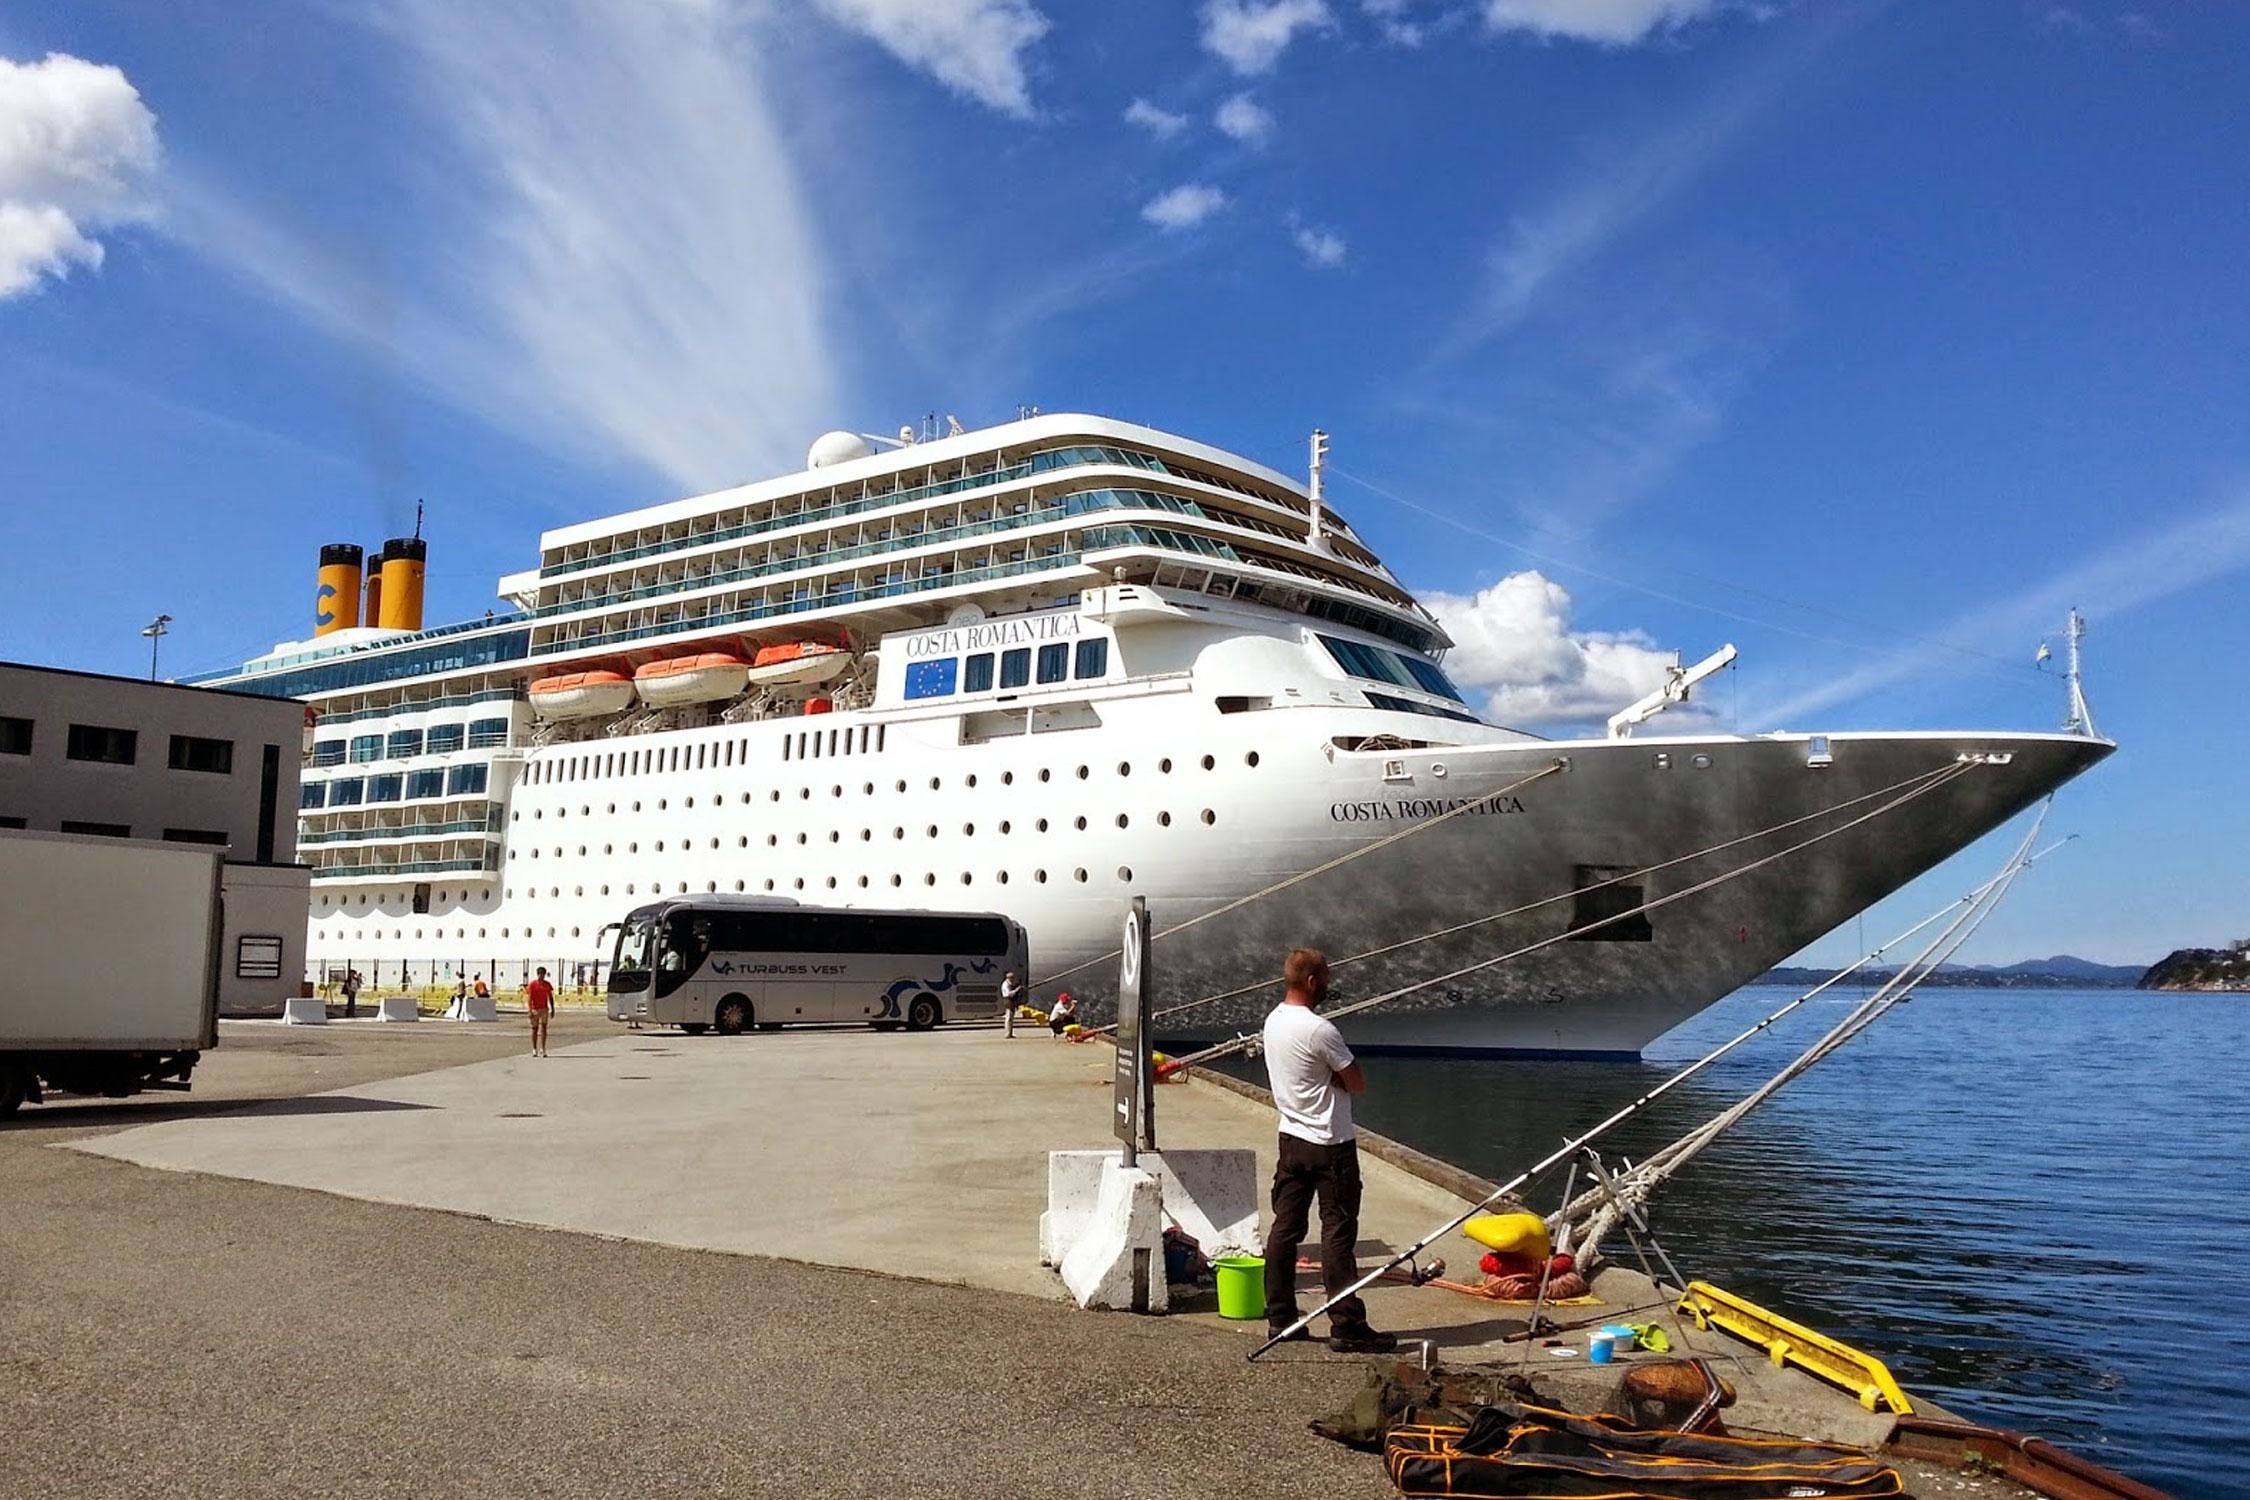 ล่องเรือสำราญ Costa neoRomantica ฟุกุโอกะ ไมซูรุ คานาซาวะ ซาไดมินาโตะ ปูซาน 8วัน 6คืน